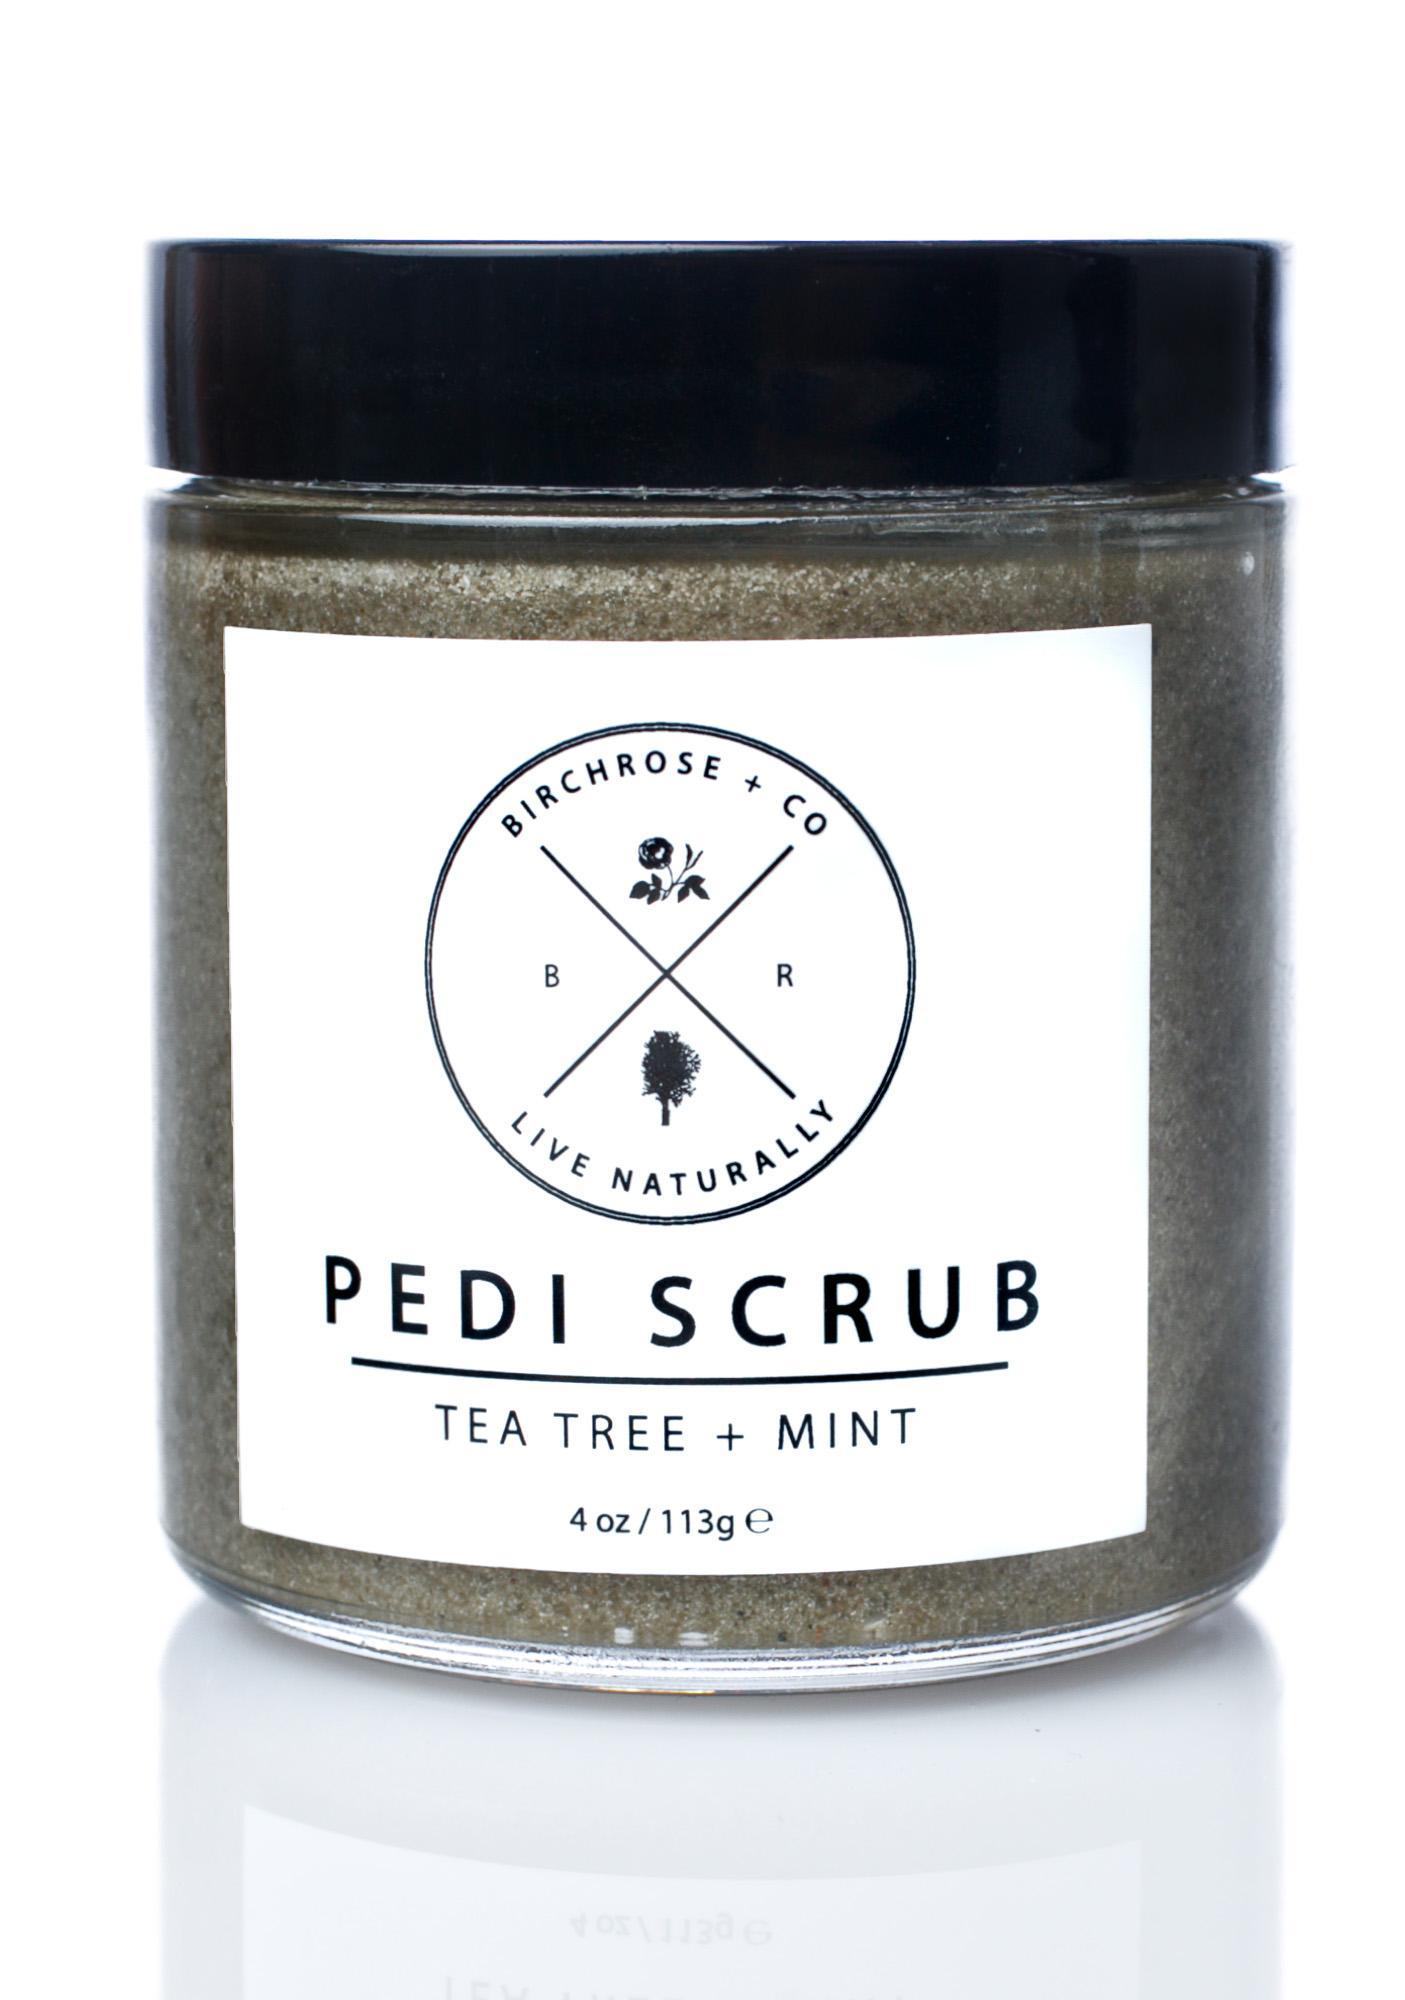 Birchrose + Co Tea Tree + Mint Pedi Scrub